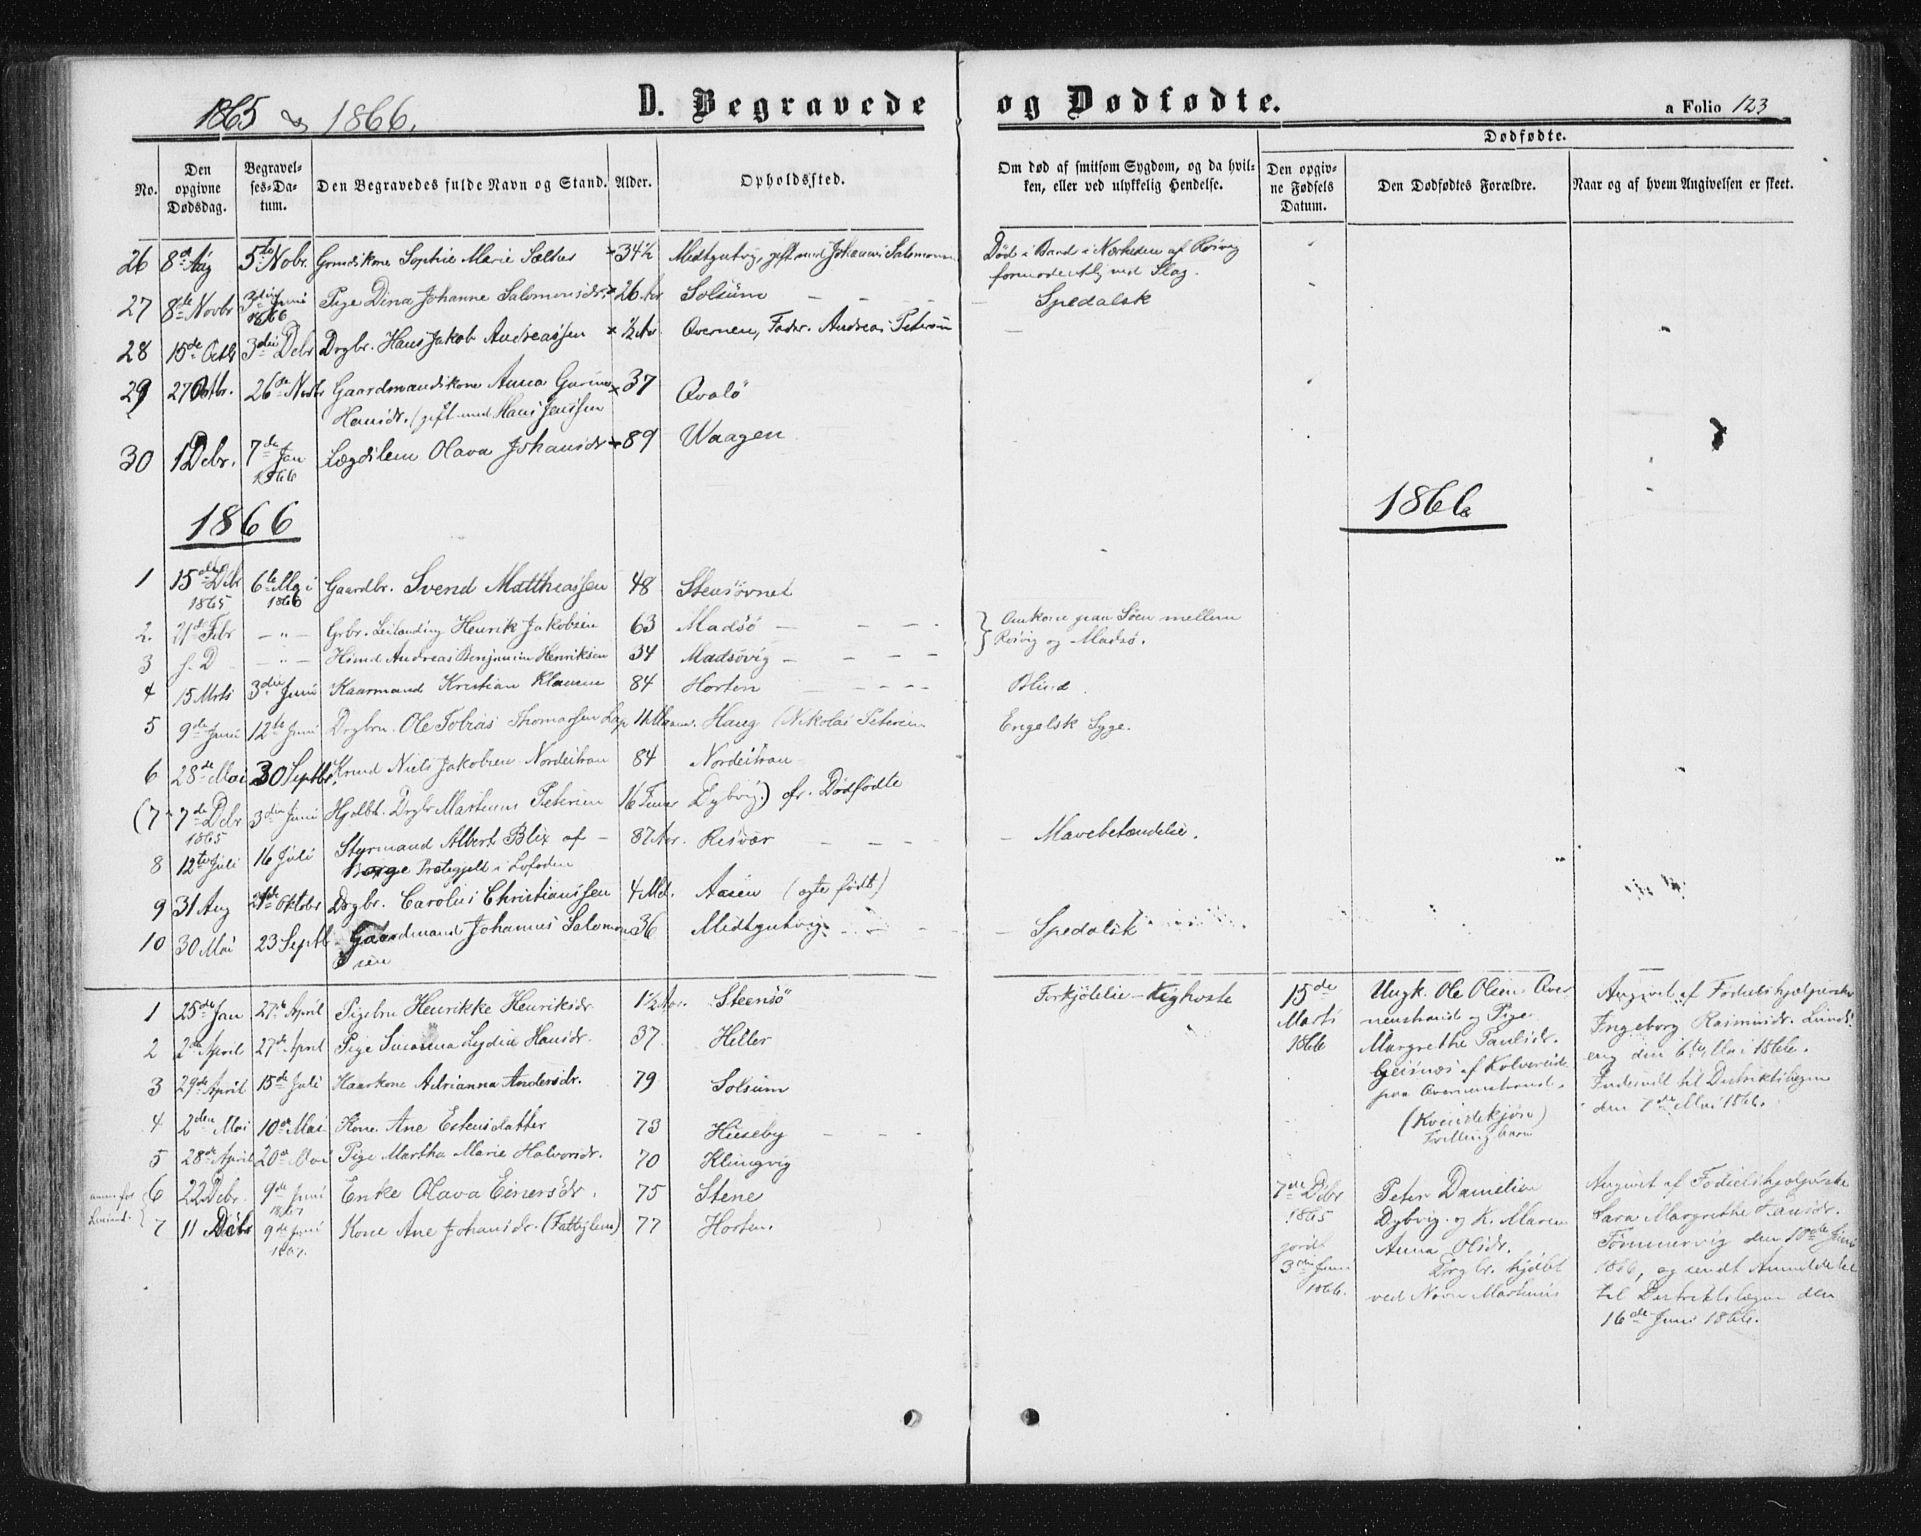 SAT, Ministerialprotokoller, klokkerbøker og fødselsregistre - Nord-Trøndelag, 788/L0696: Ministerialbok nr. 788A03, 1863-1877, s. 123